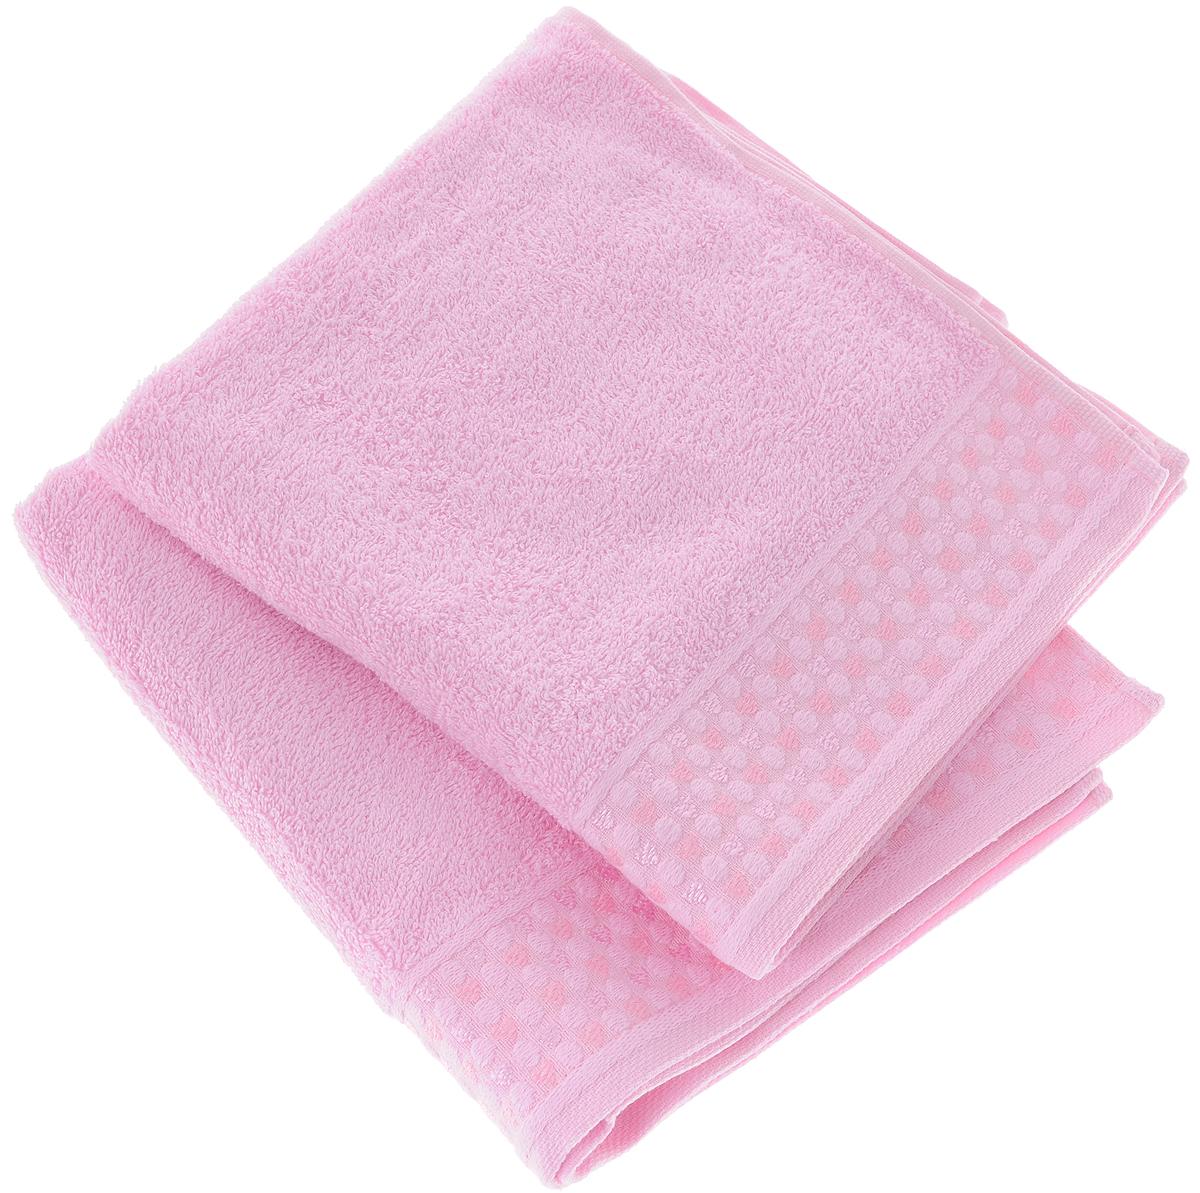 Набор полотенец Tete-a-Tete Сердечки, цвет: розовый, 2 шт. УНП-104-04к68/5/3Набор Tete-a-Tete Сердечки состоит из двух махровых полотенец, выполненных из натурального 100% хлопка. Бордюр полотенец декорирован рисунком сердечек. Изделия мягкие, отлично впитывают влагу, быстро сохнут, сохраняют яркость цвета и не теряют форму даже после многократных стирок. Полотенца Tete-a-Tete Сердечки очень практичны и неприхотливы в уходе. Они легко впишутся в любой интерьер благодаря своей нежной цветовой гамме. Набор упакован в красивую коробку и может послужить отличной идеей подарка.Размеры полотенец: 70 х 140 см, 50 х 90 см.